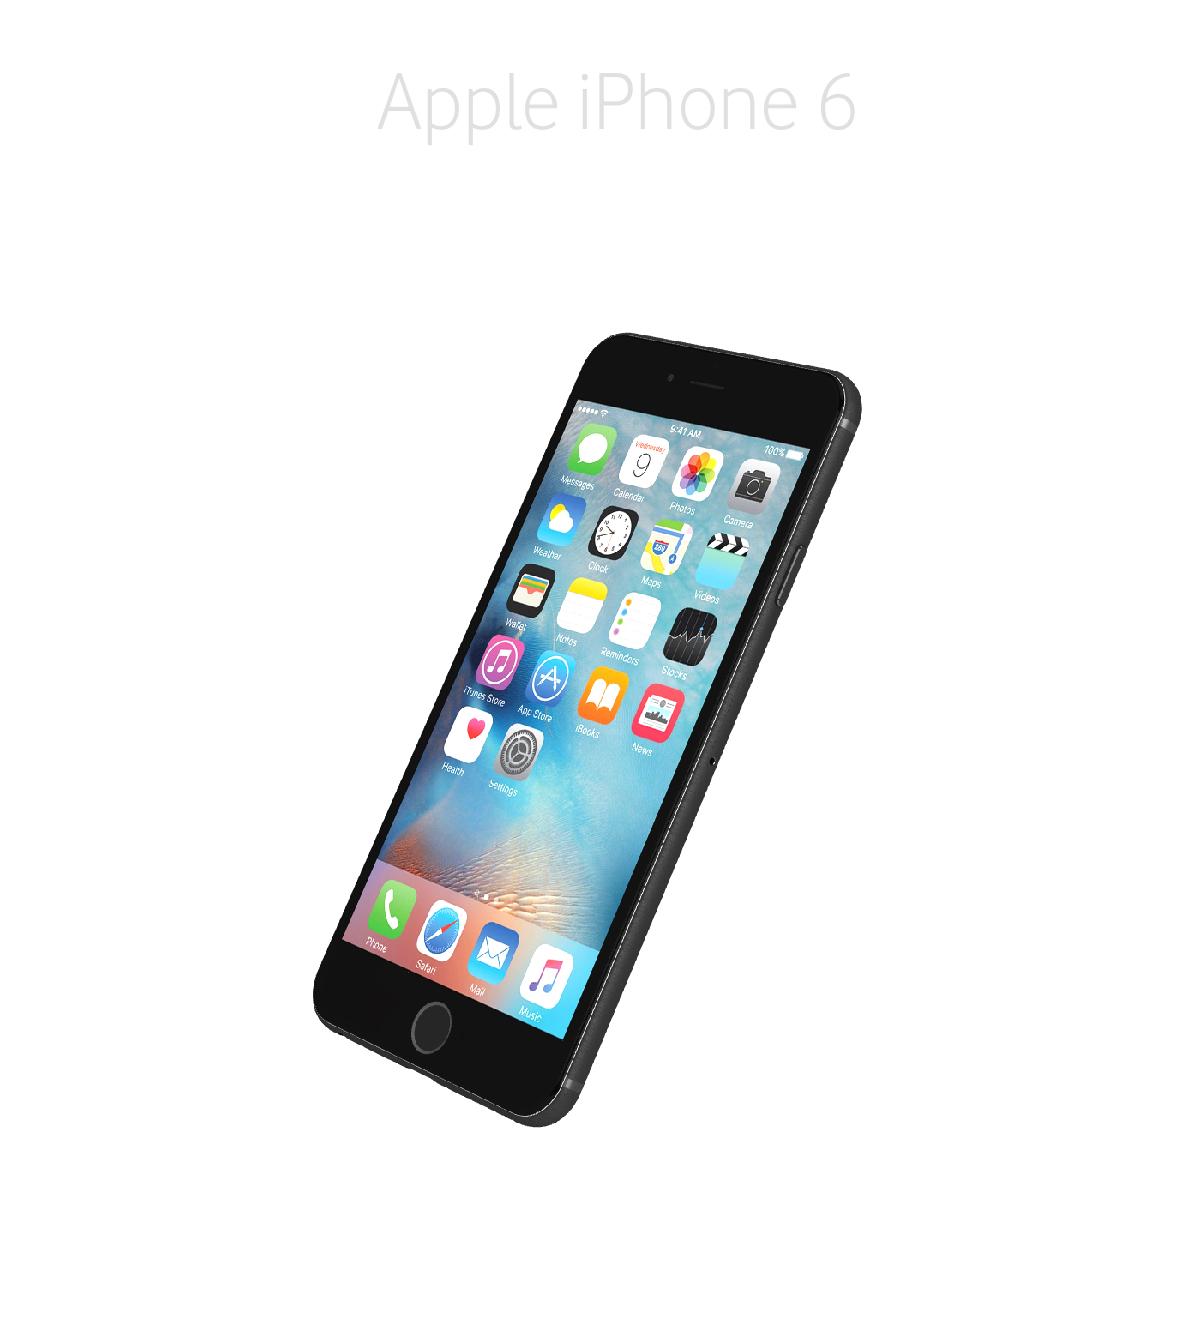 Laga framsida/glas/skärm iPhone 6